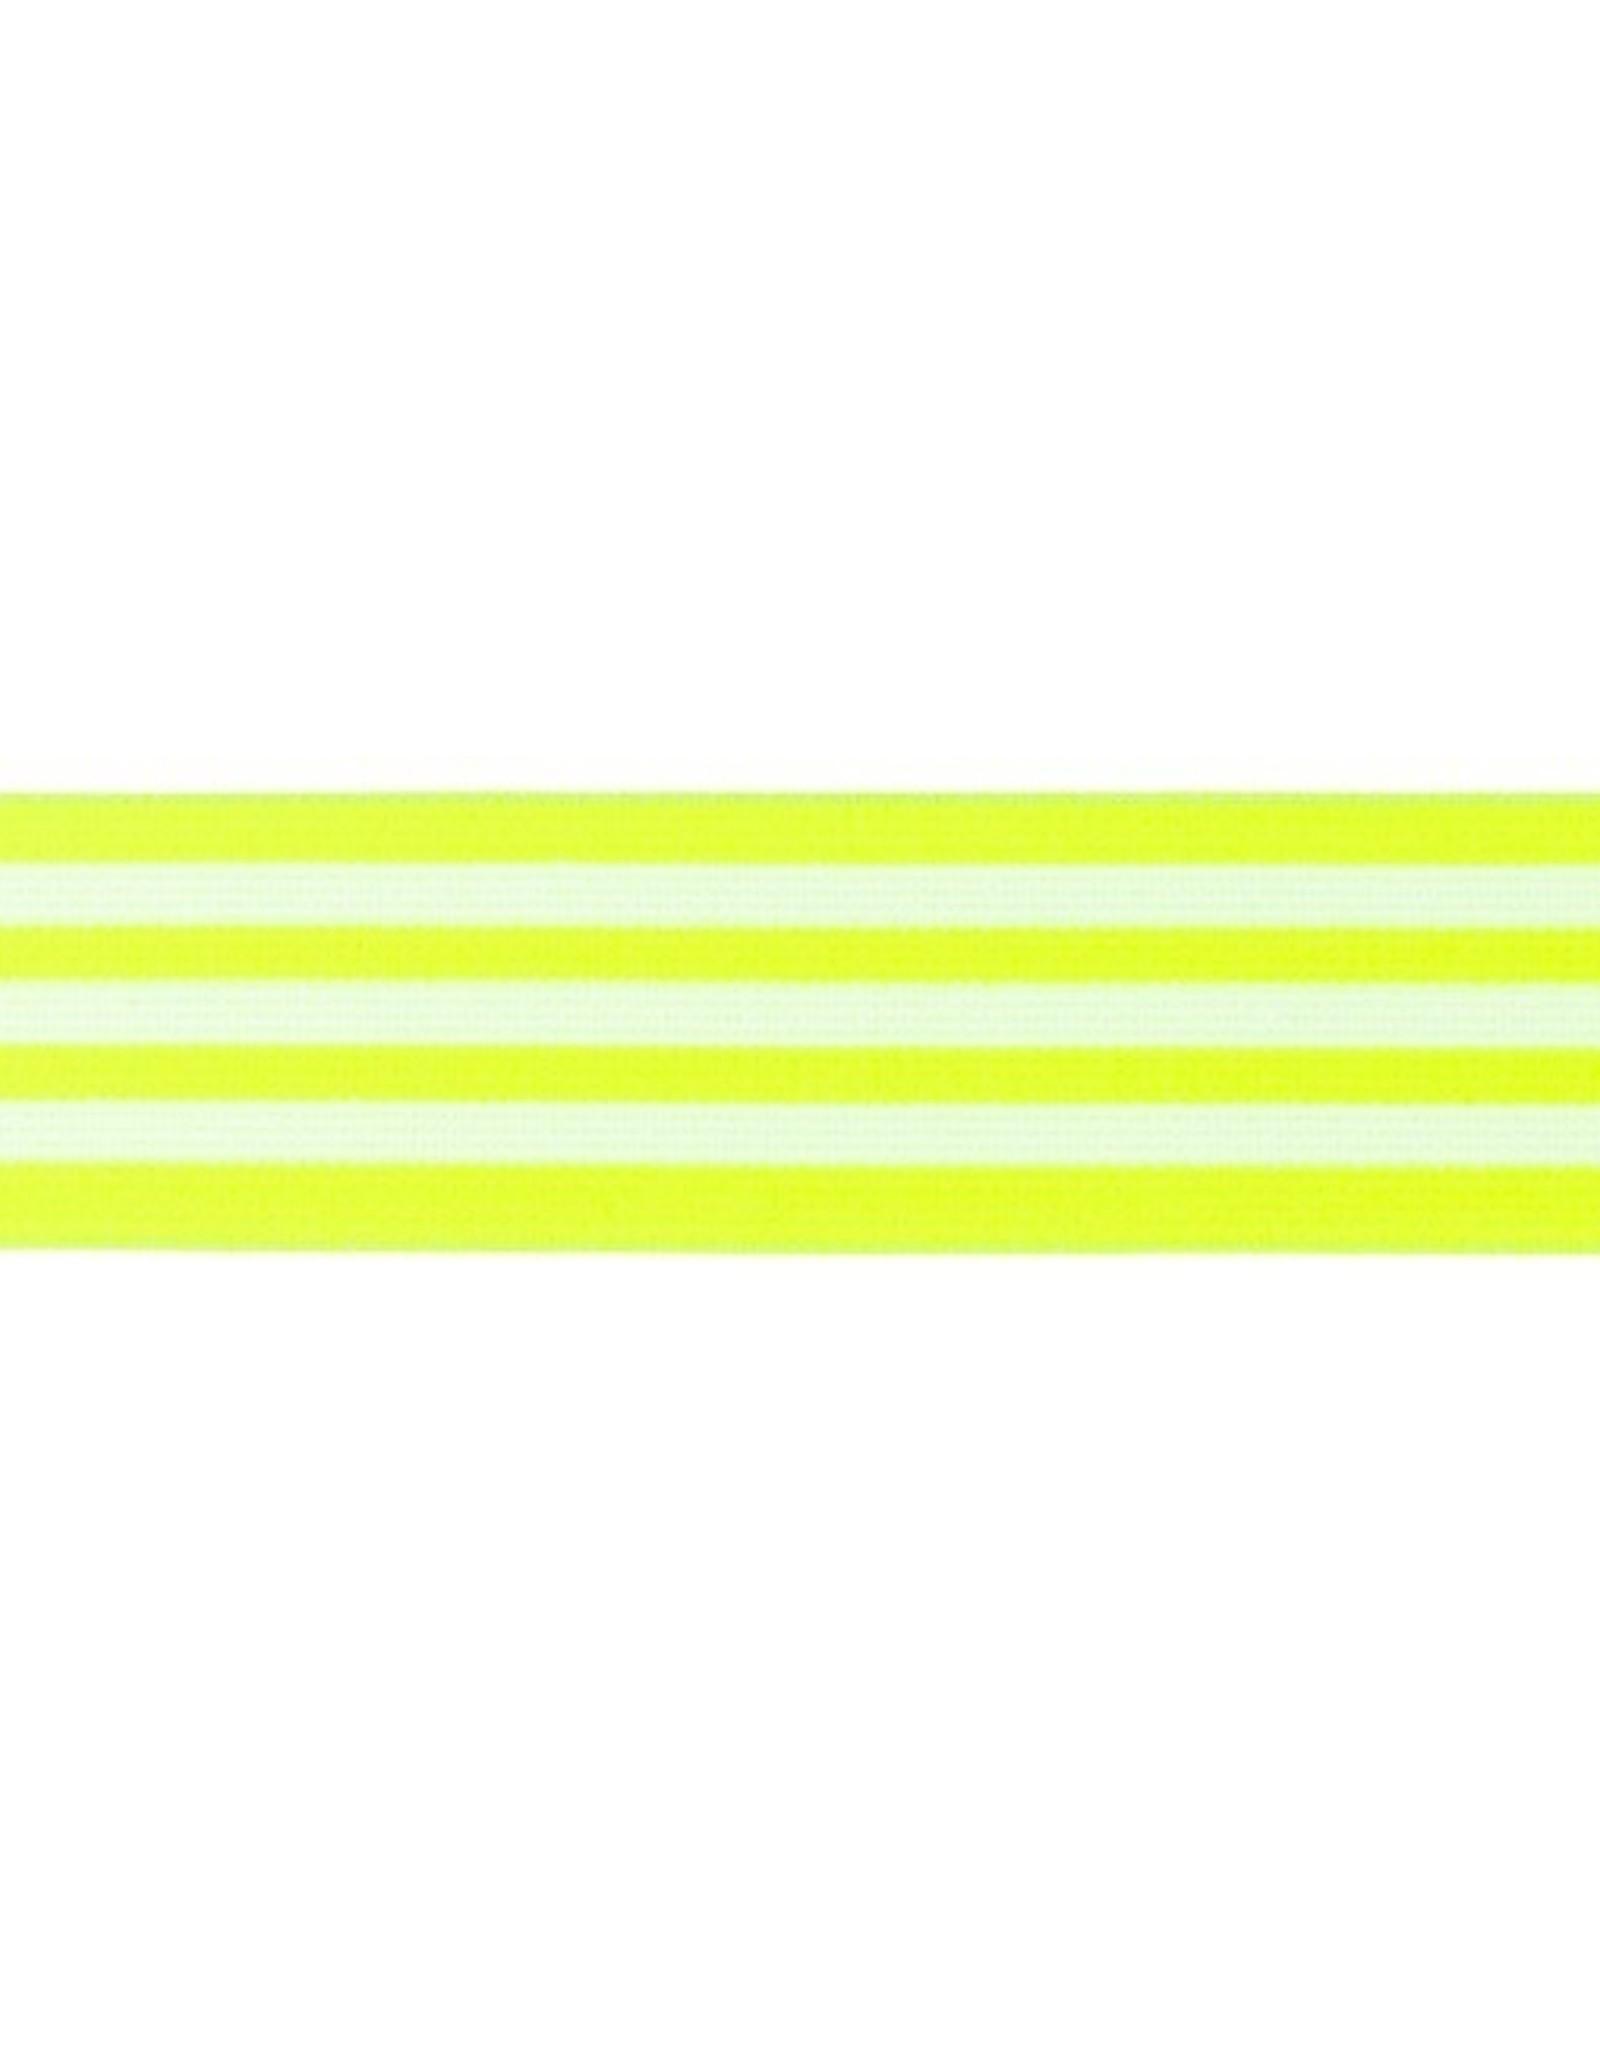 Elastiek gestreept neon fluo geel-wit 40mm